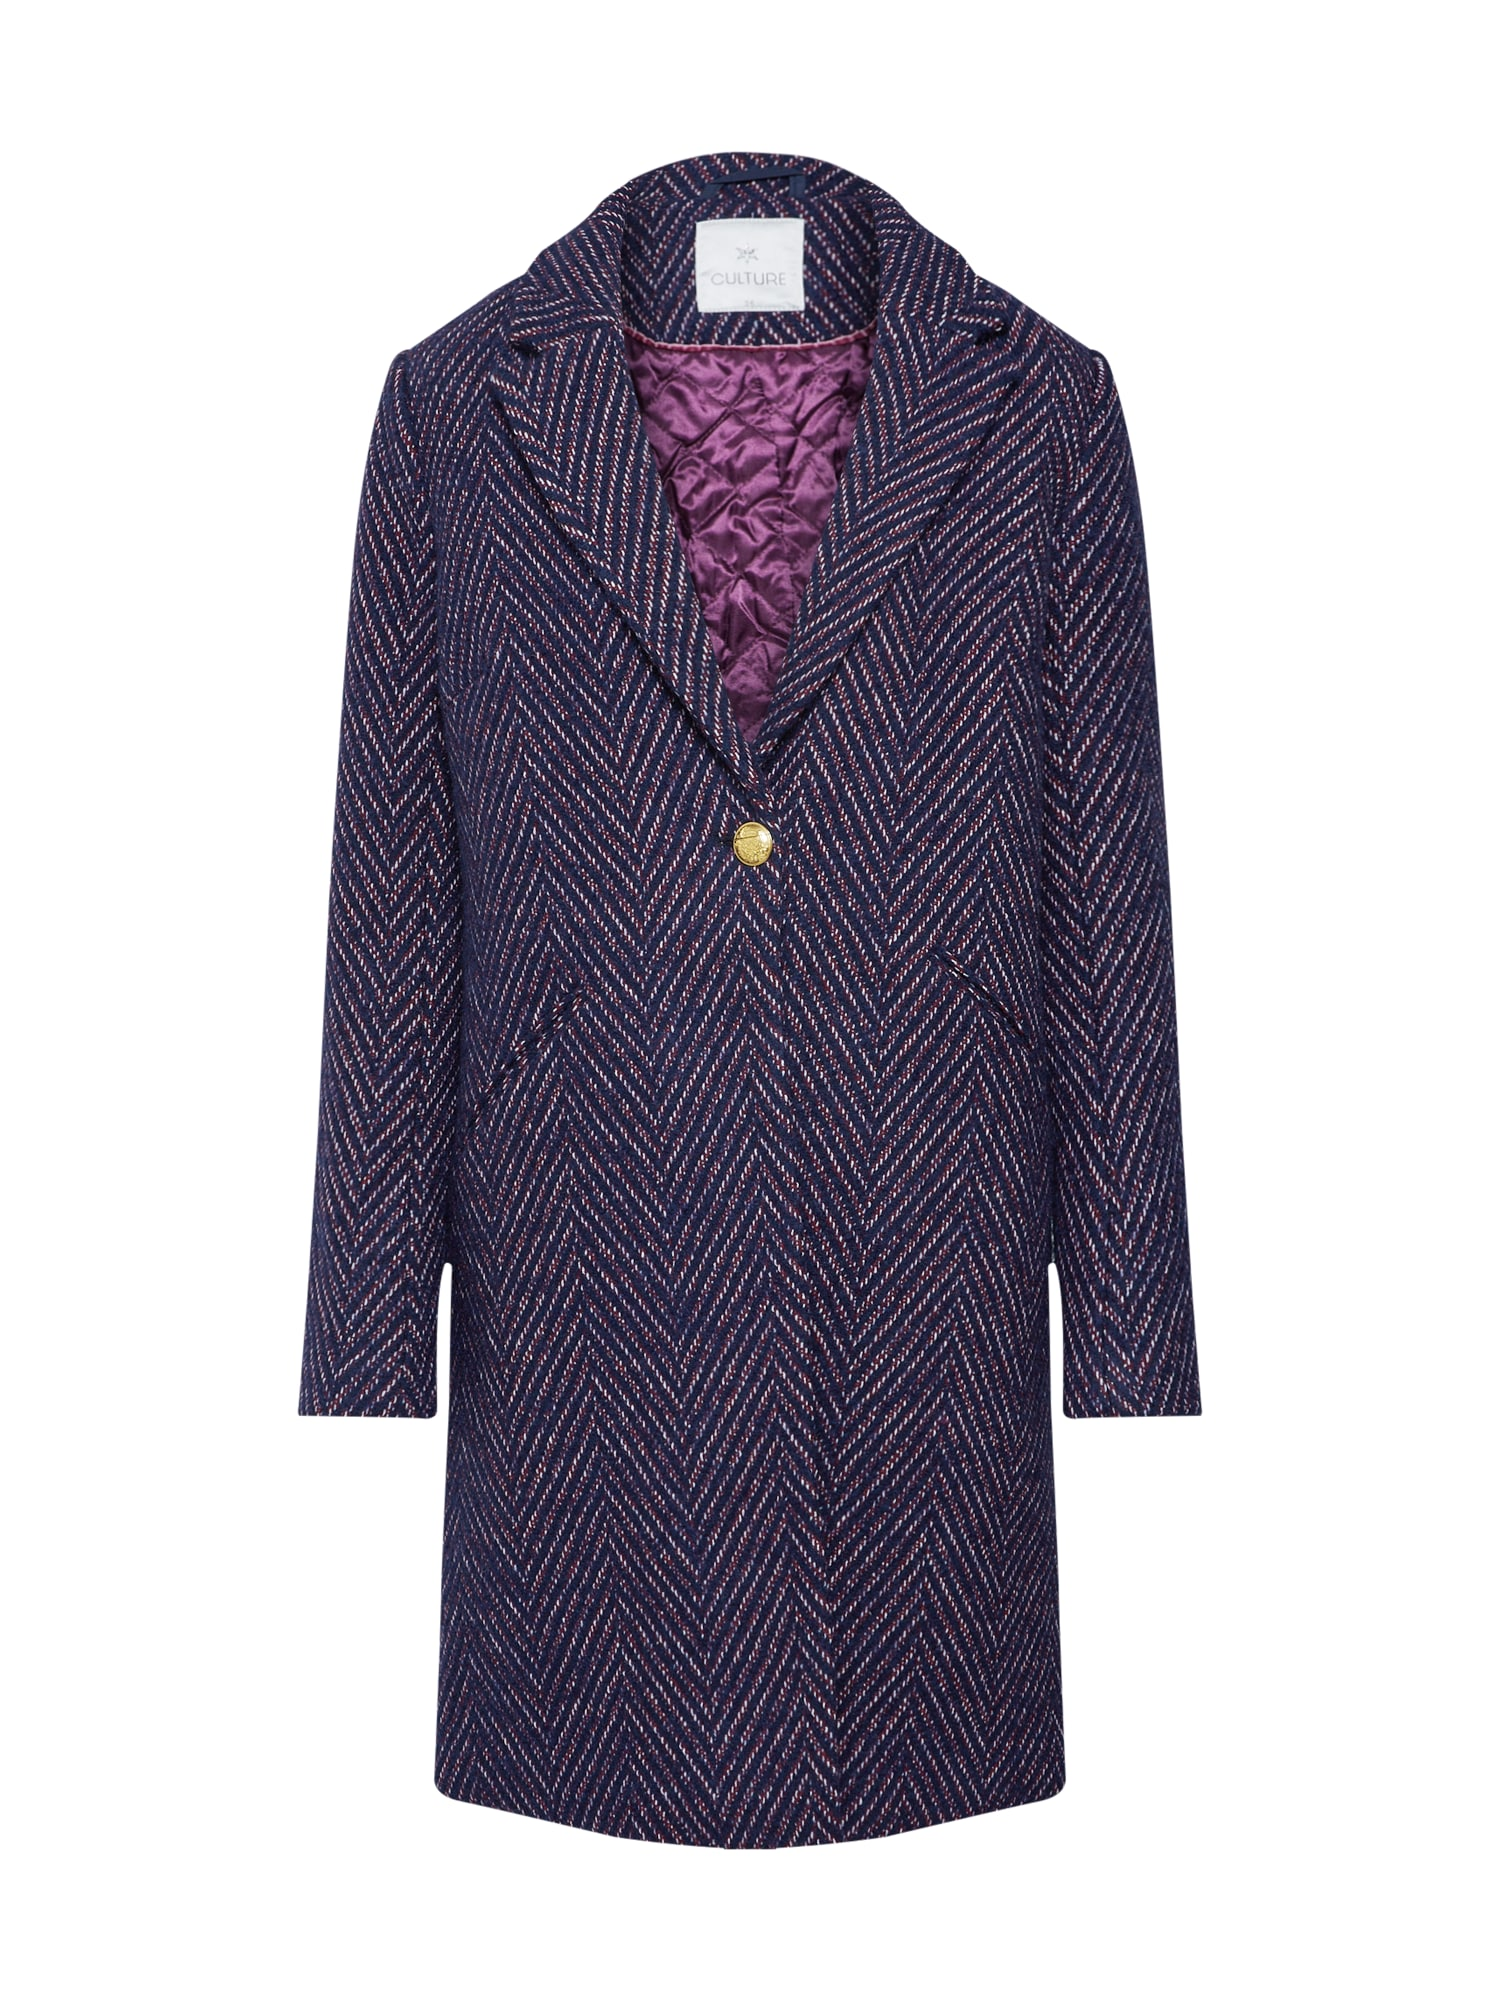 Zimní kabát Minja tmavě modrá tmavě fialová CULTURE